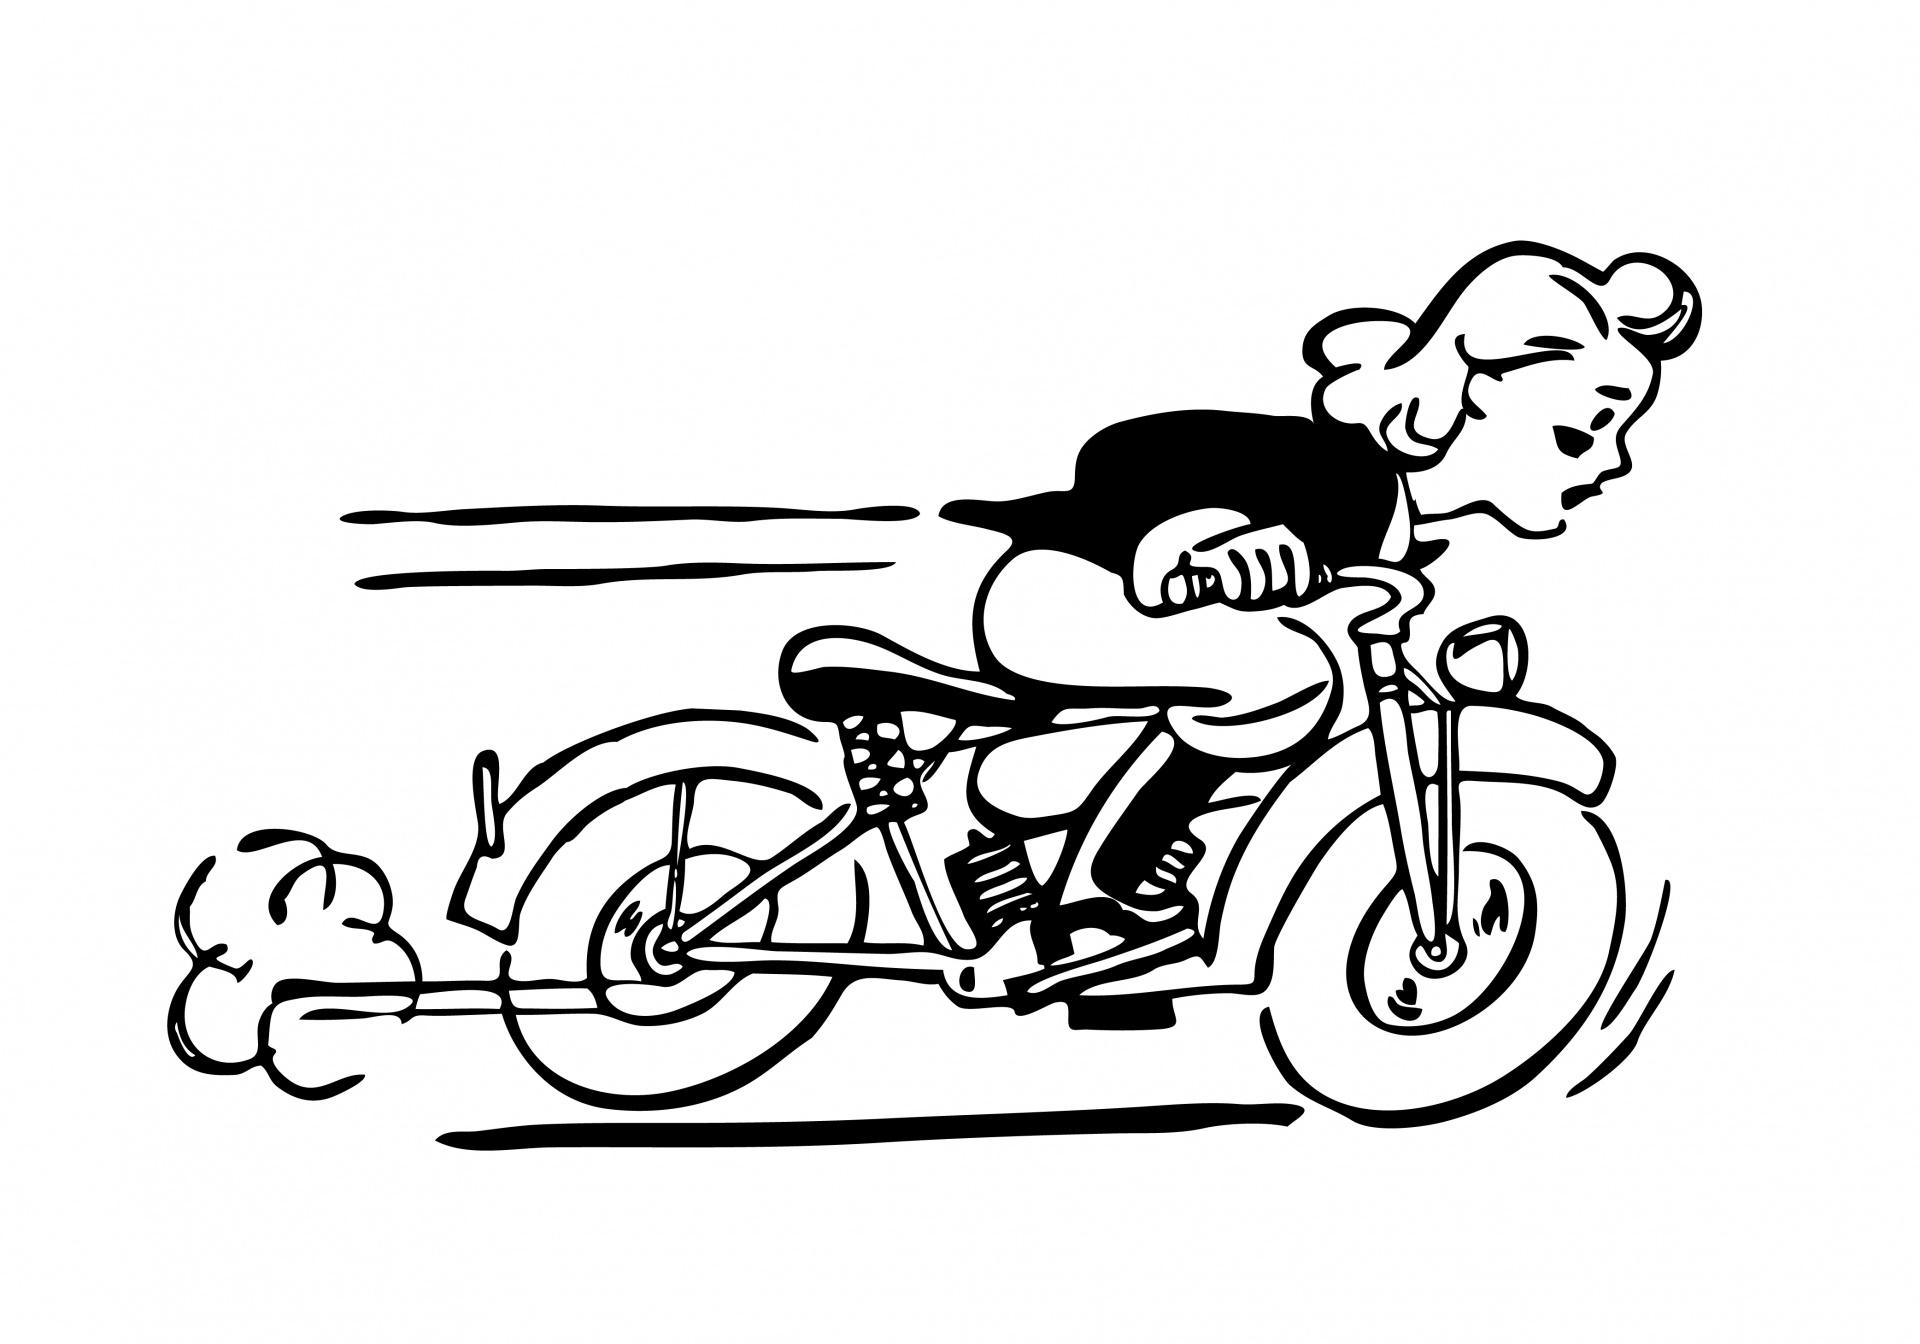 Harley Silhouette Vector At Getdrawings